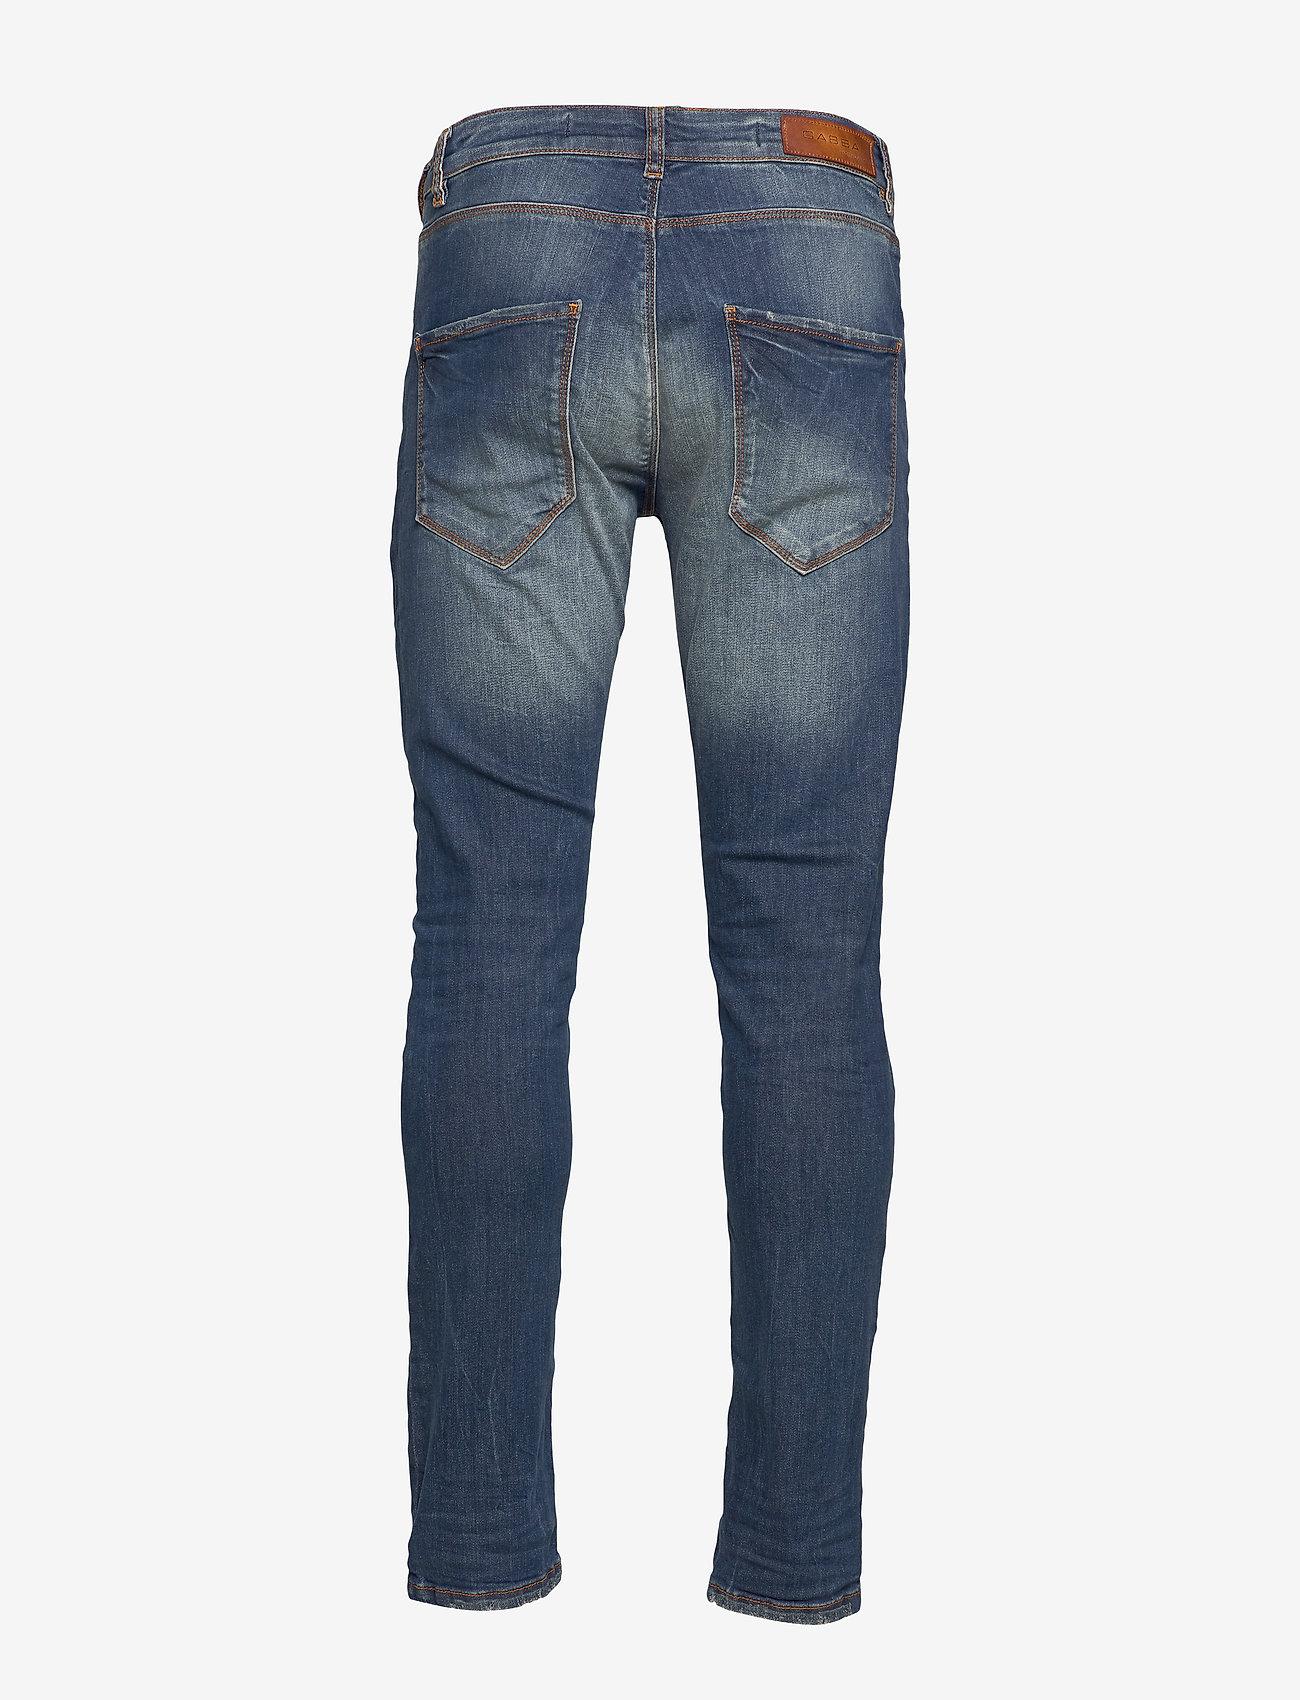 Gabba Rey 44617 Jeans - Jeans RS0428 - Menn Klær